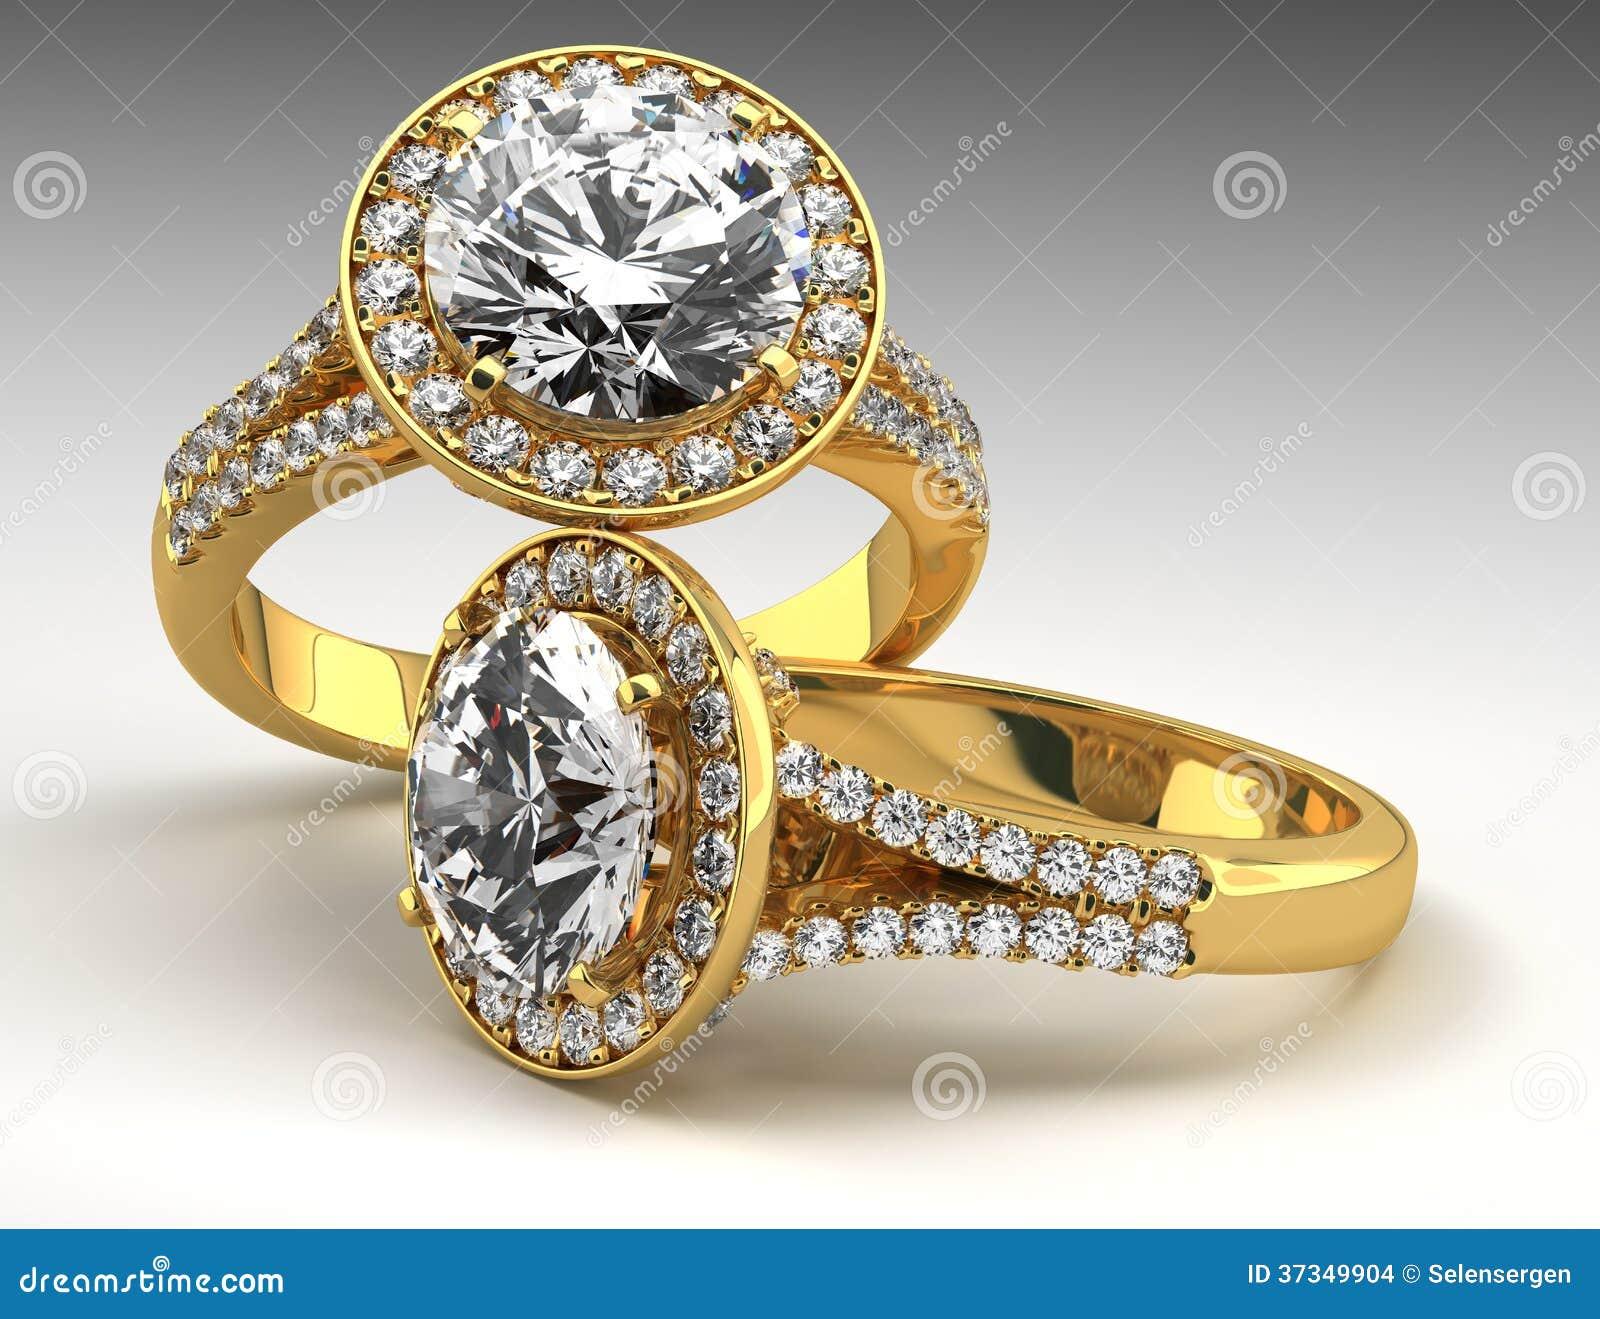 Två Diamond Rings